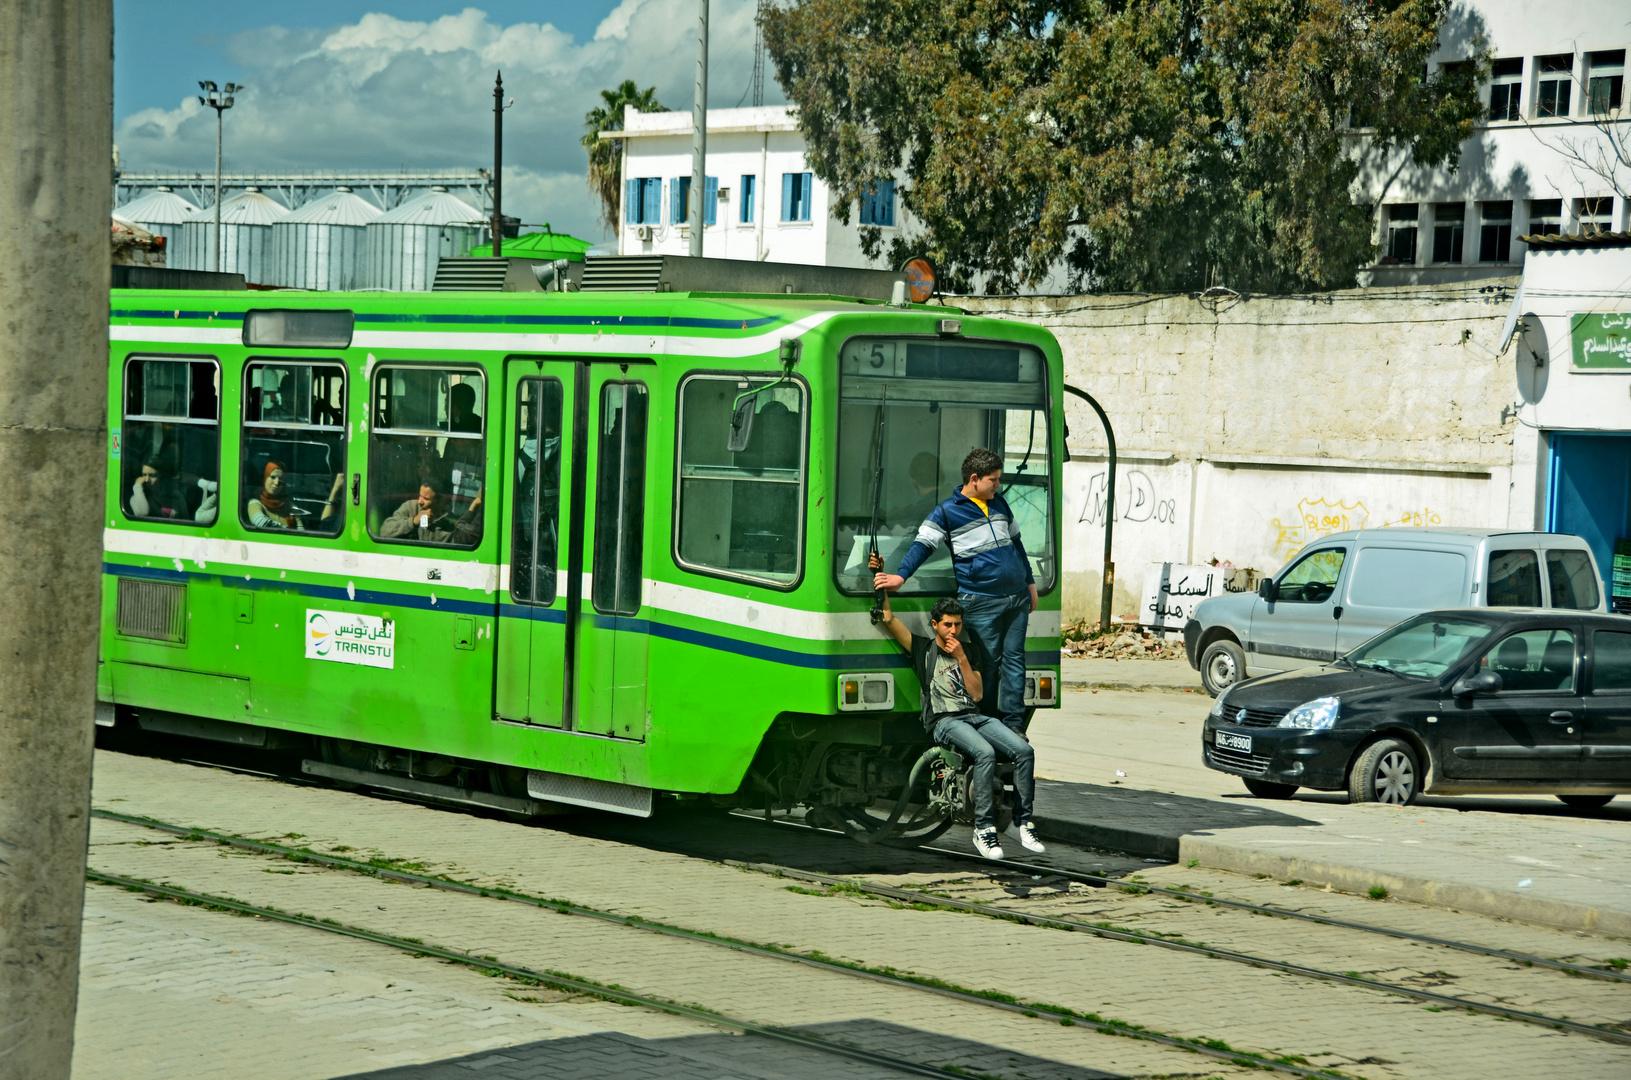 So spart man das Ticket in Tunis